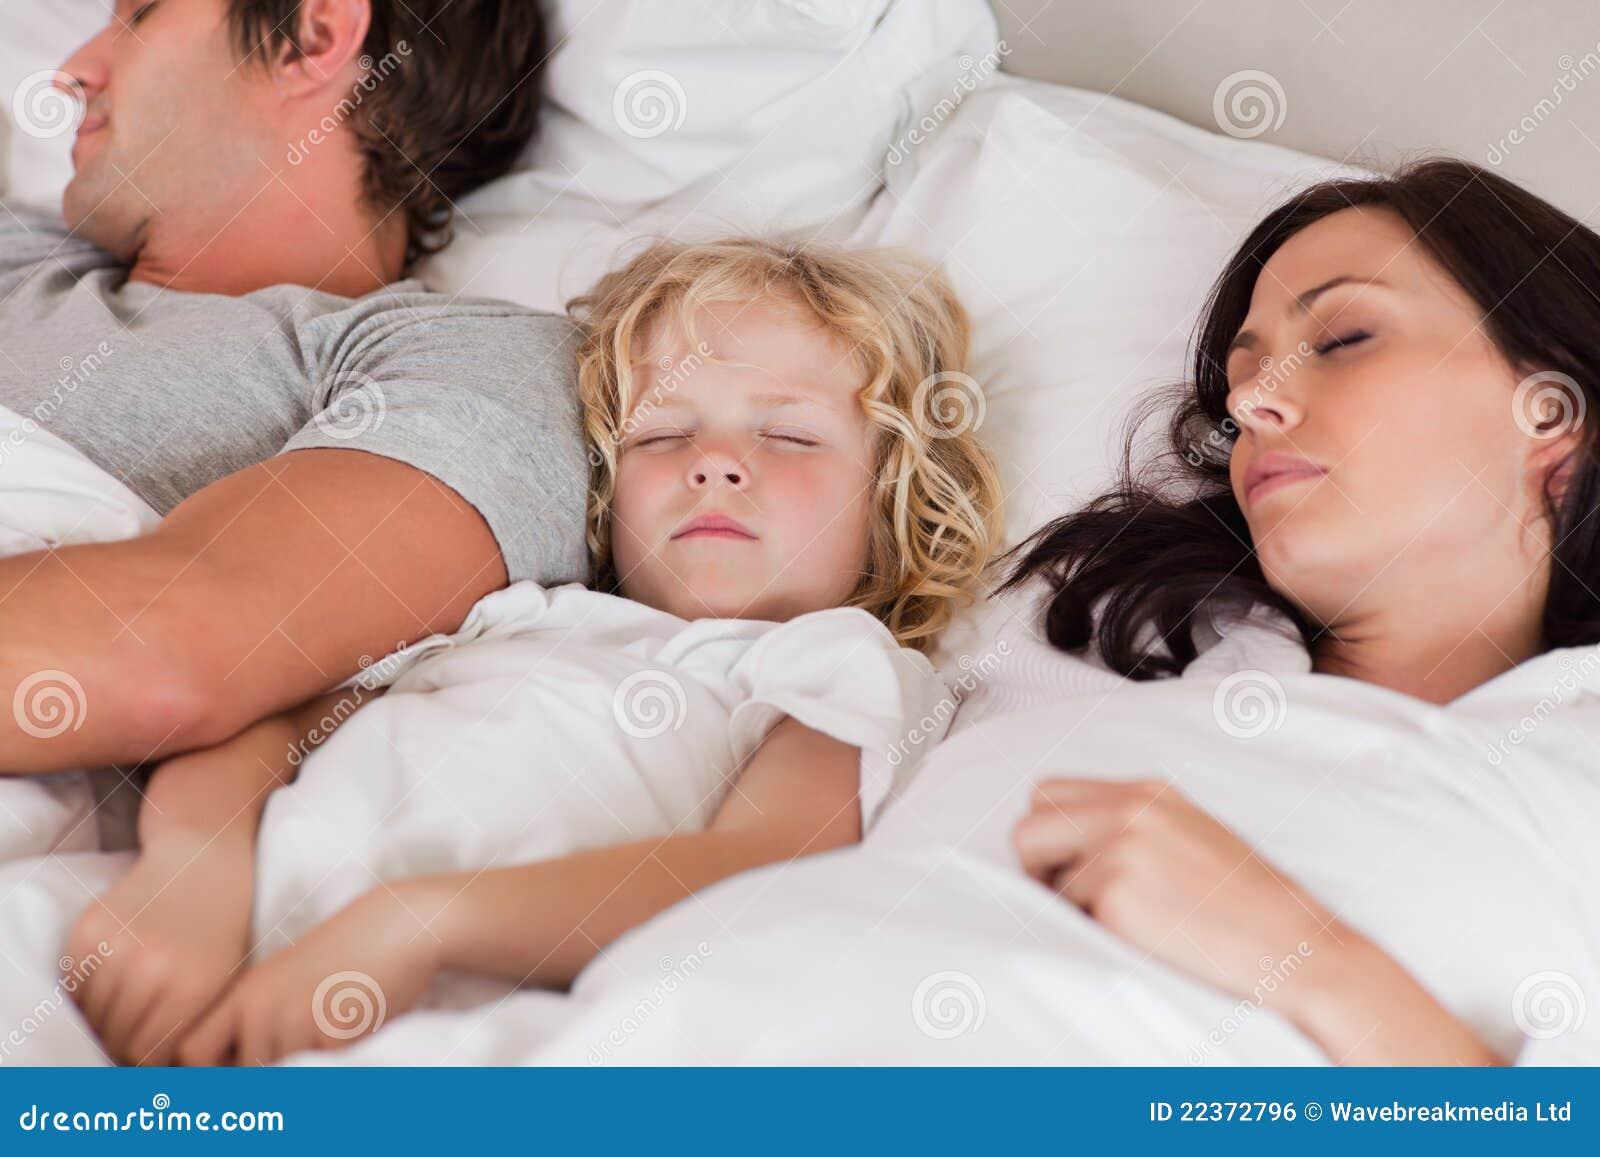 Родители и спящая дочь 18 фотография